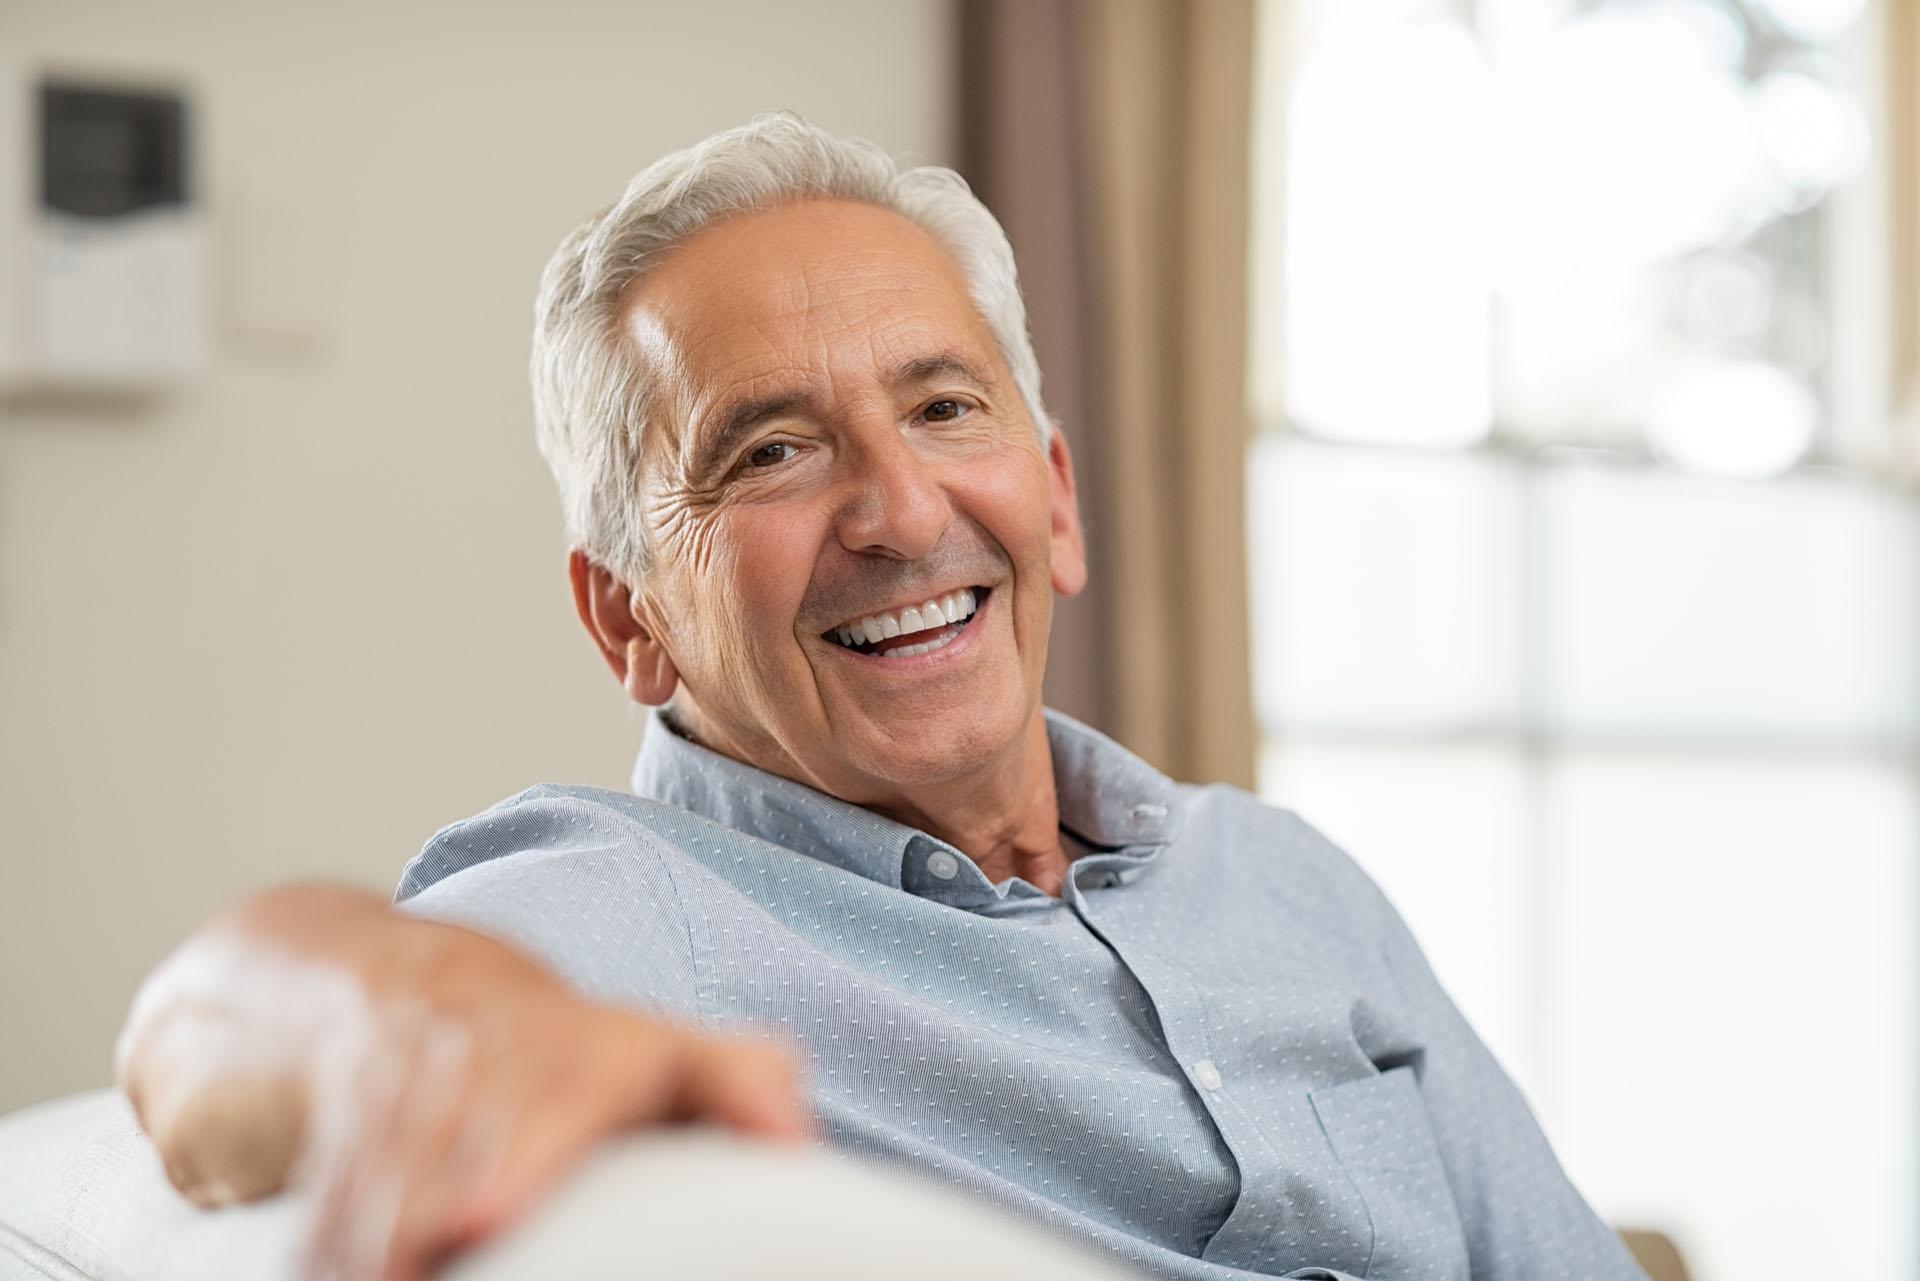 Artritis Reumatoide RA y Quiropráctica El Paso, TX